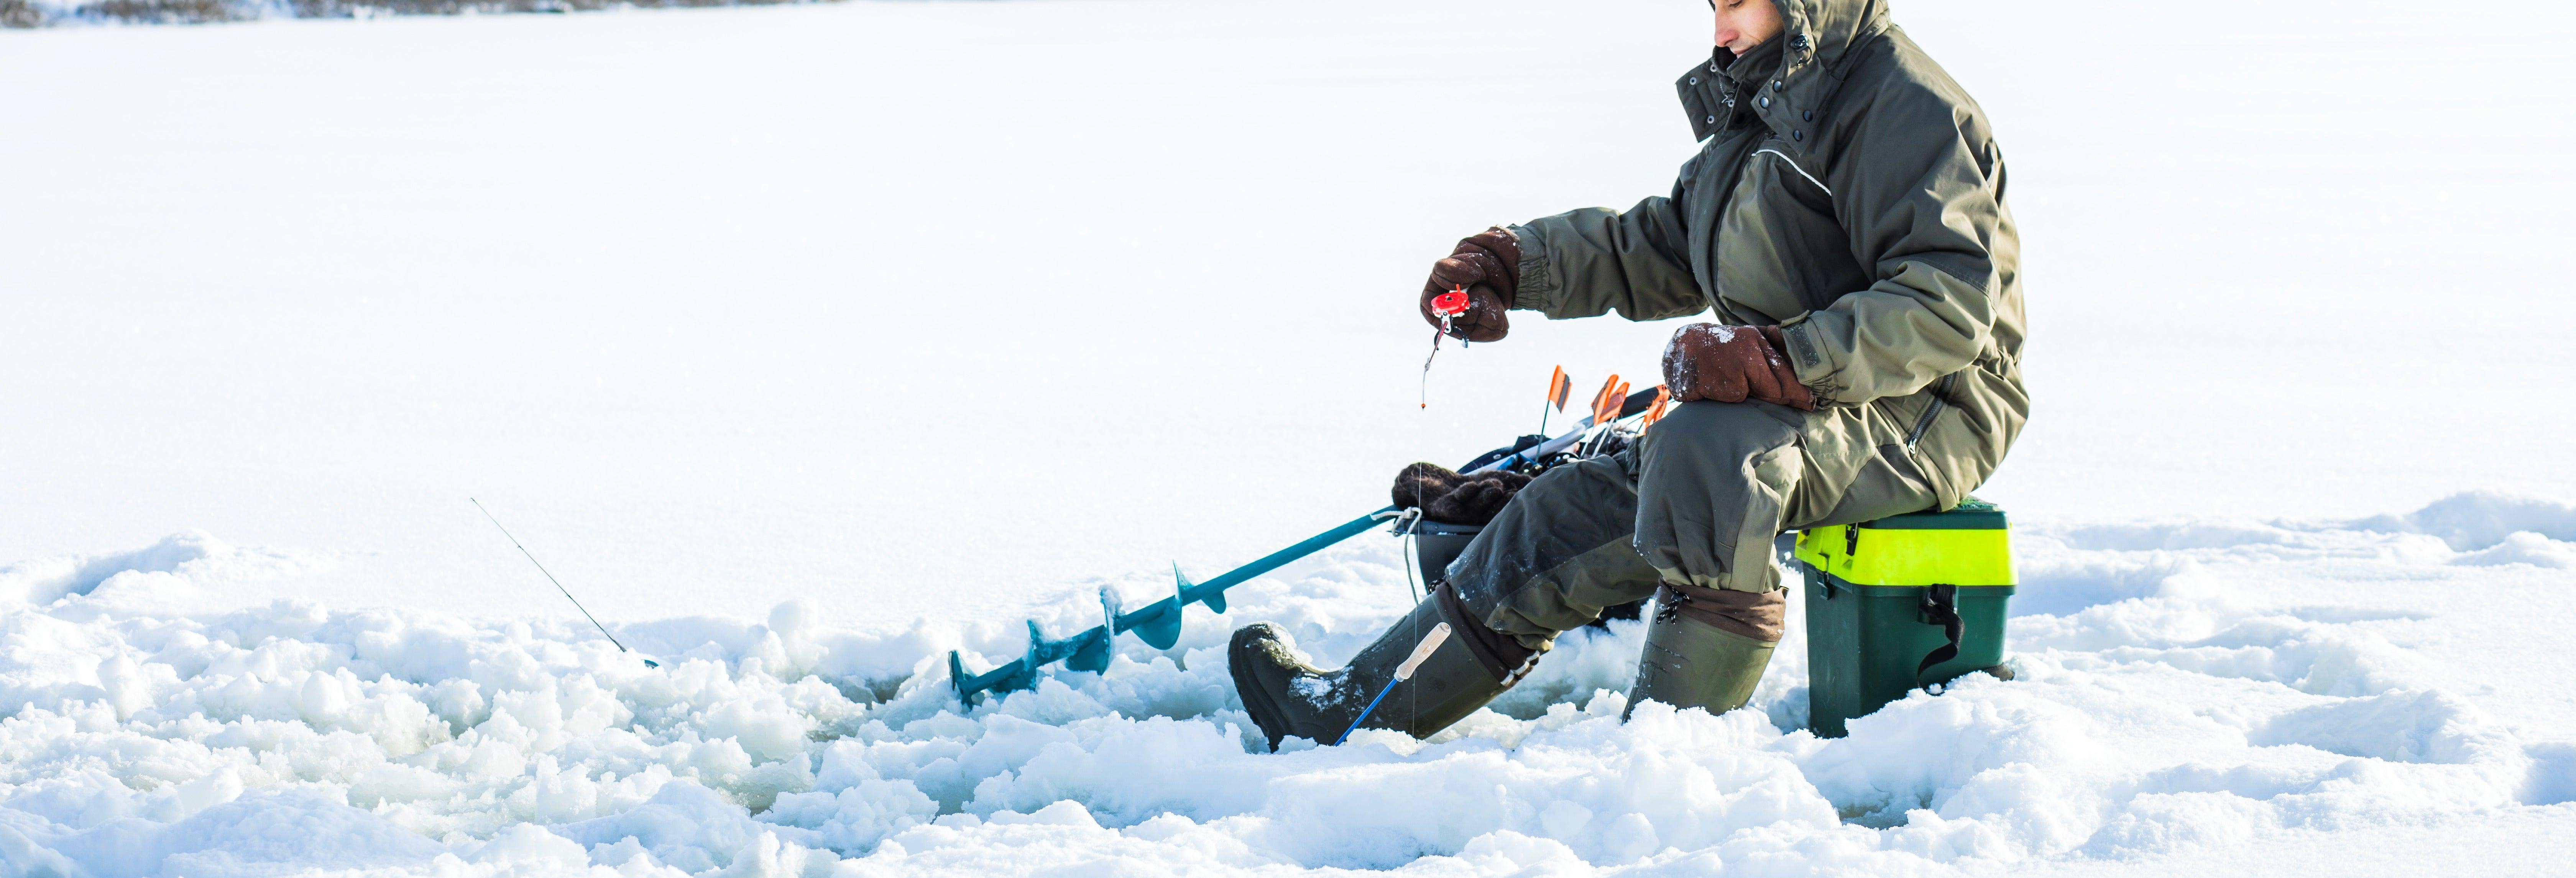 Pesca sul ghiaccio a Kittilä